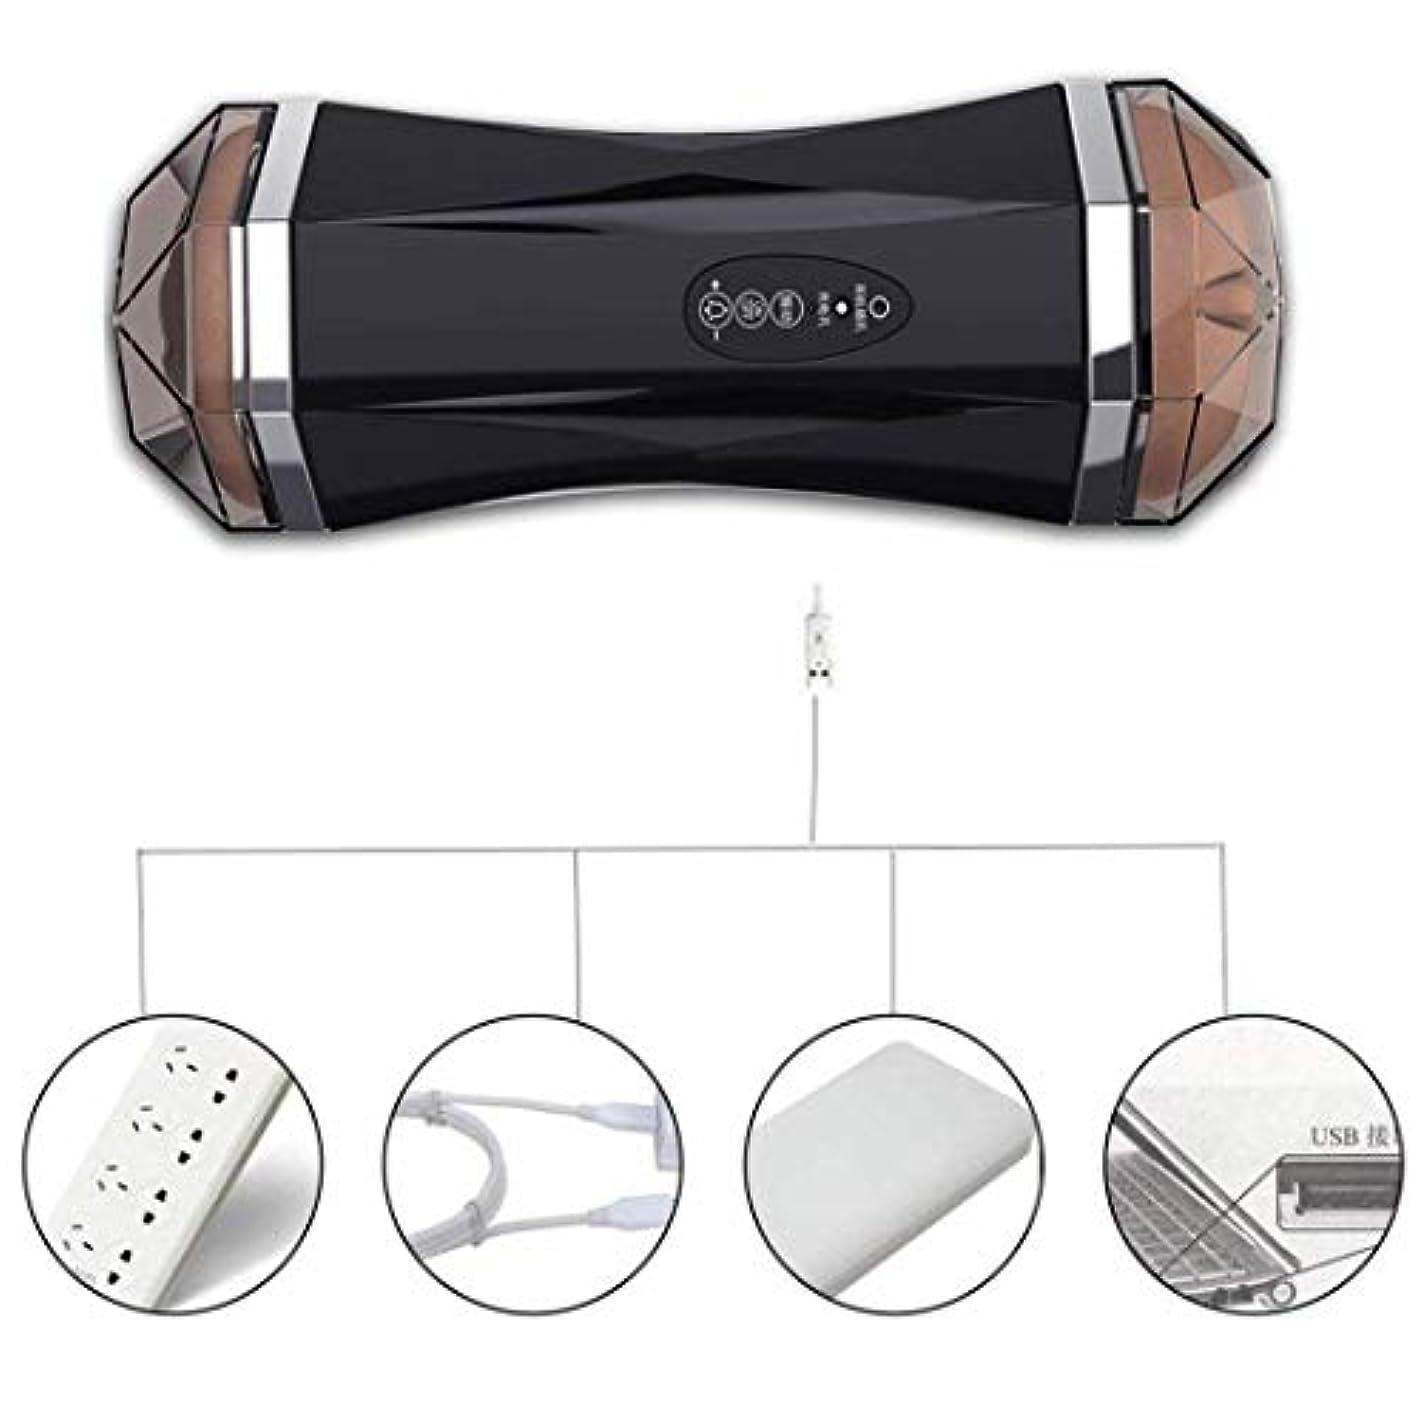 醸造所開業医拡声器CRFJB 男性用Tシャツアンダーウェアノイズレスリアルインテリジェント8周波数PístonVǐbrǎtiǒnMássageCup Handheld Personal Body Massager